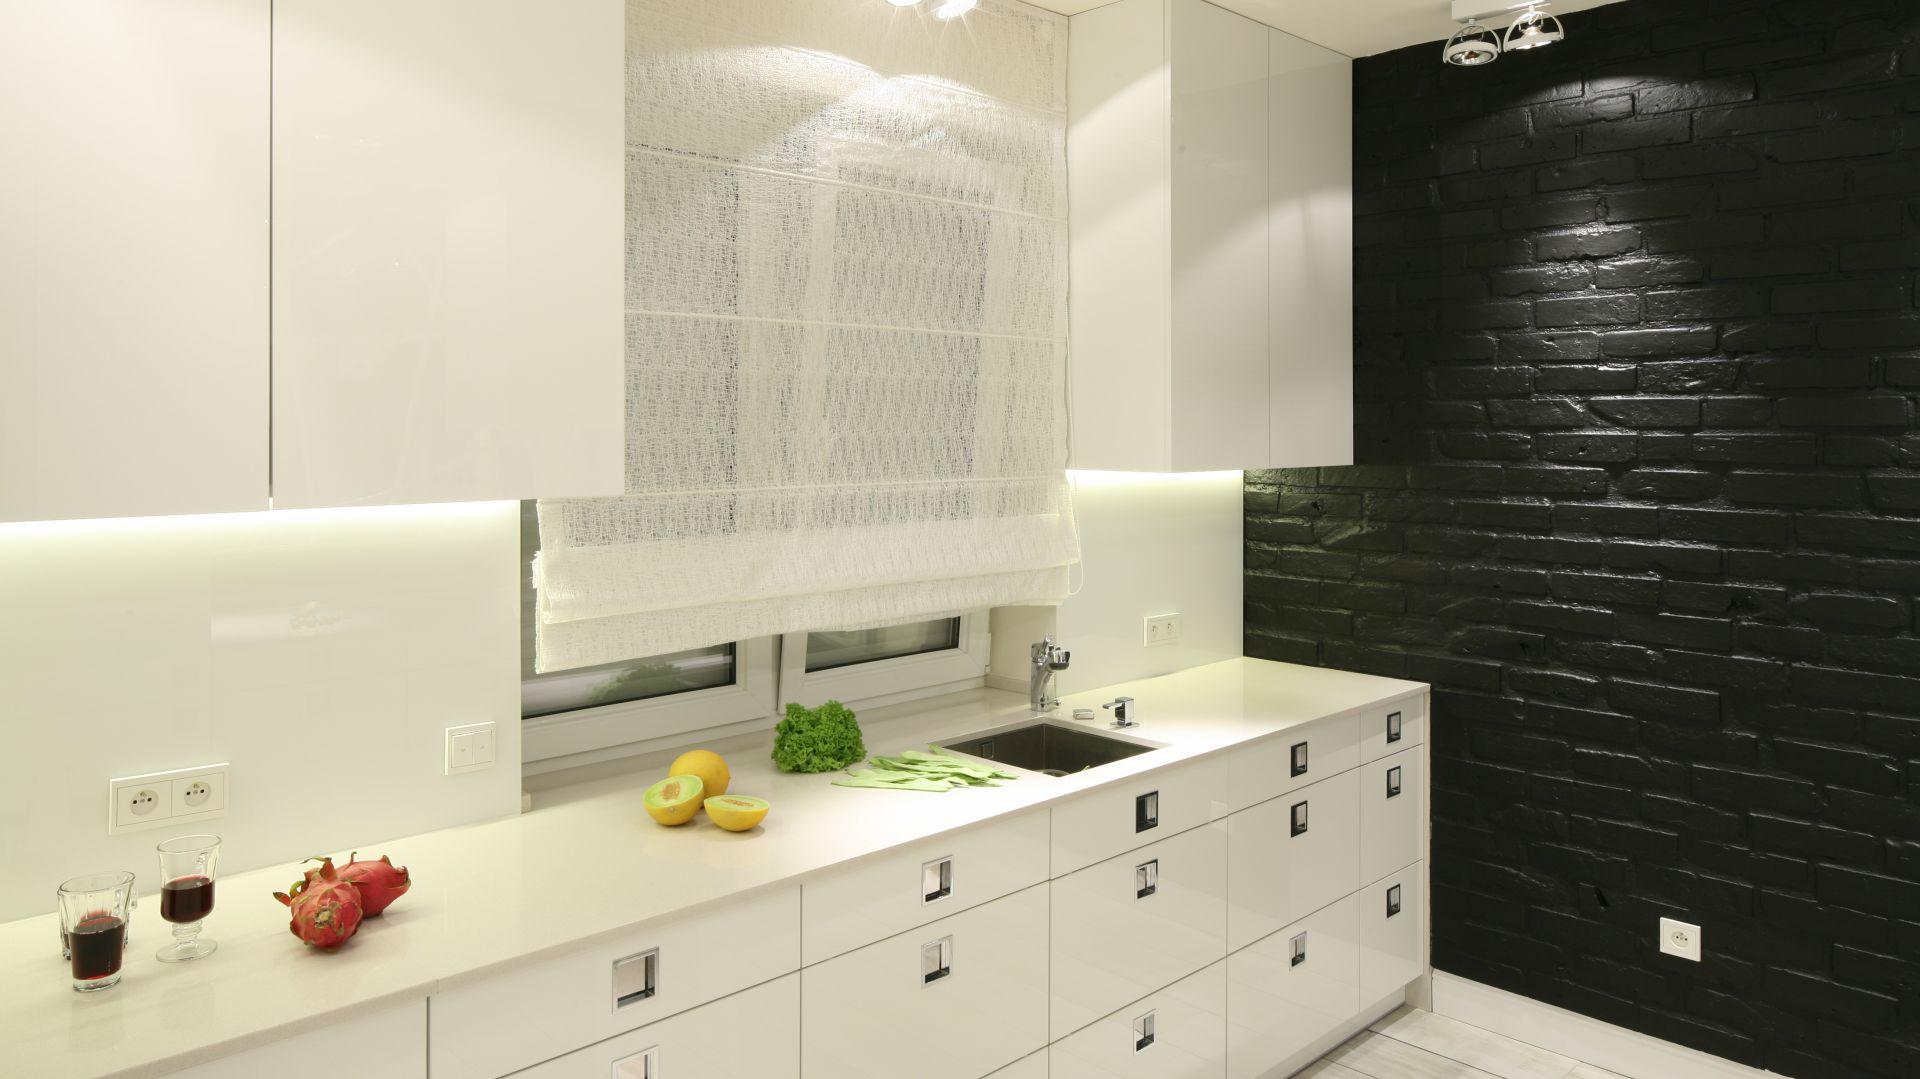 W kuchni jedna ze ścian wyłożona została cegłą pomalowaną na czarno. Projekt Dominik Respondek. Fot. Bartosz Jarosz.